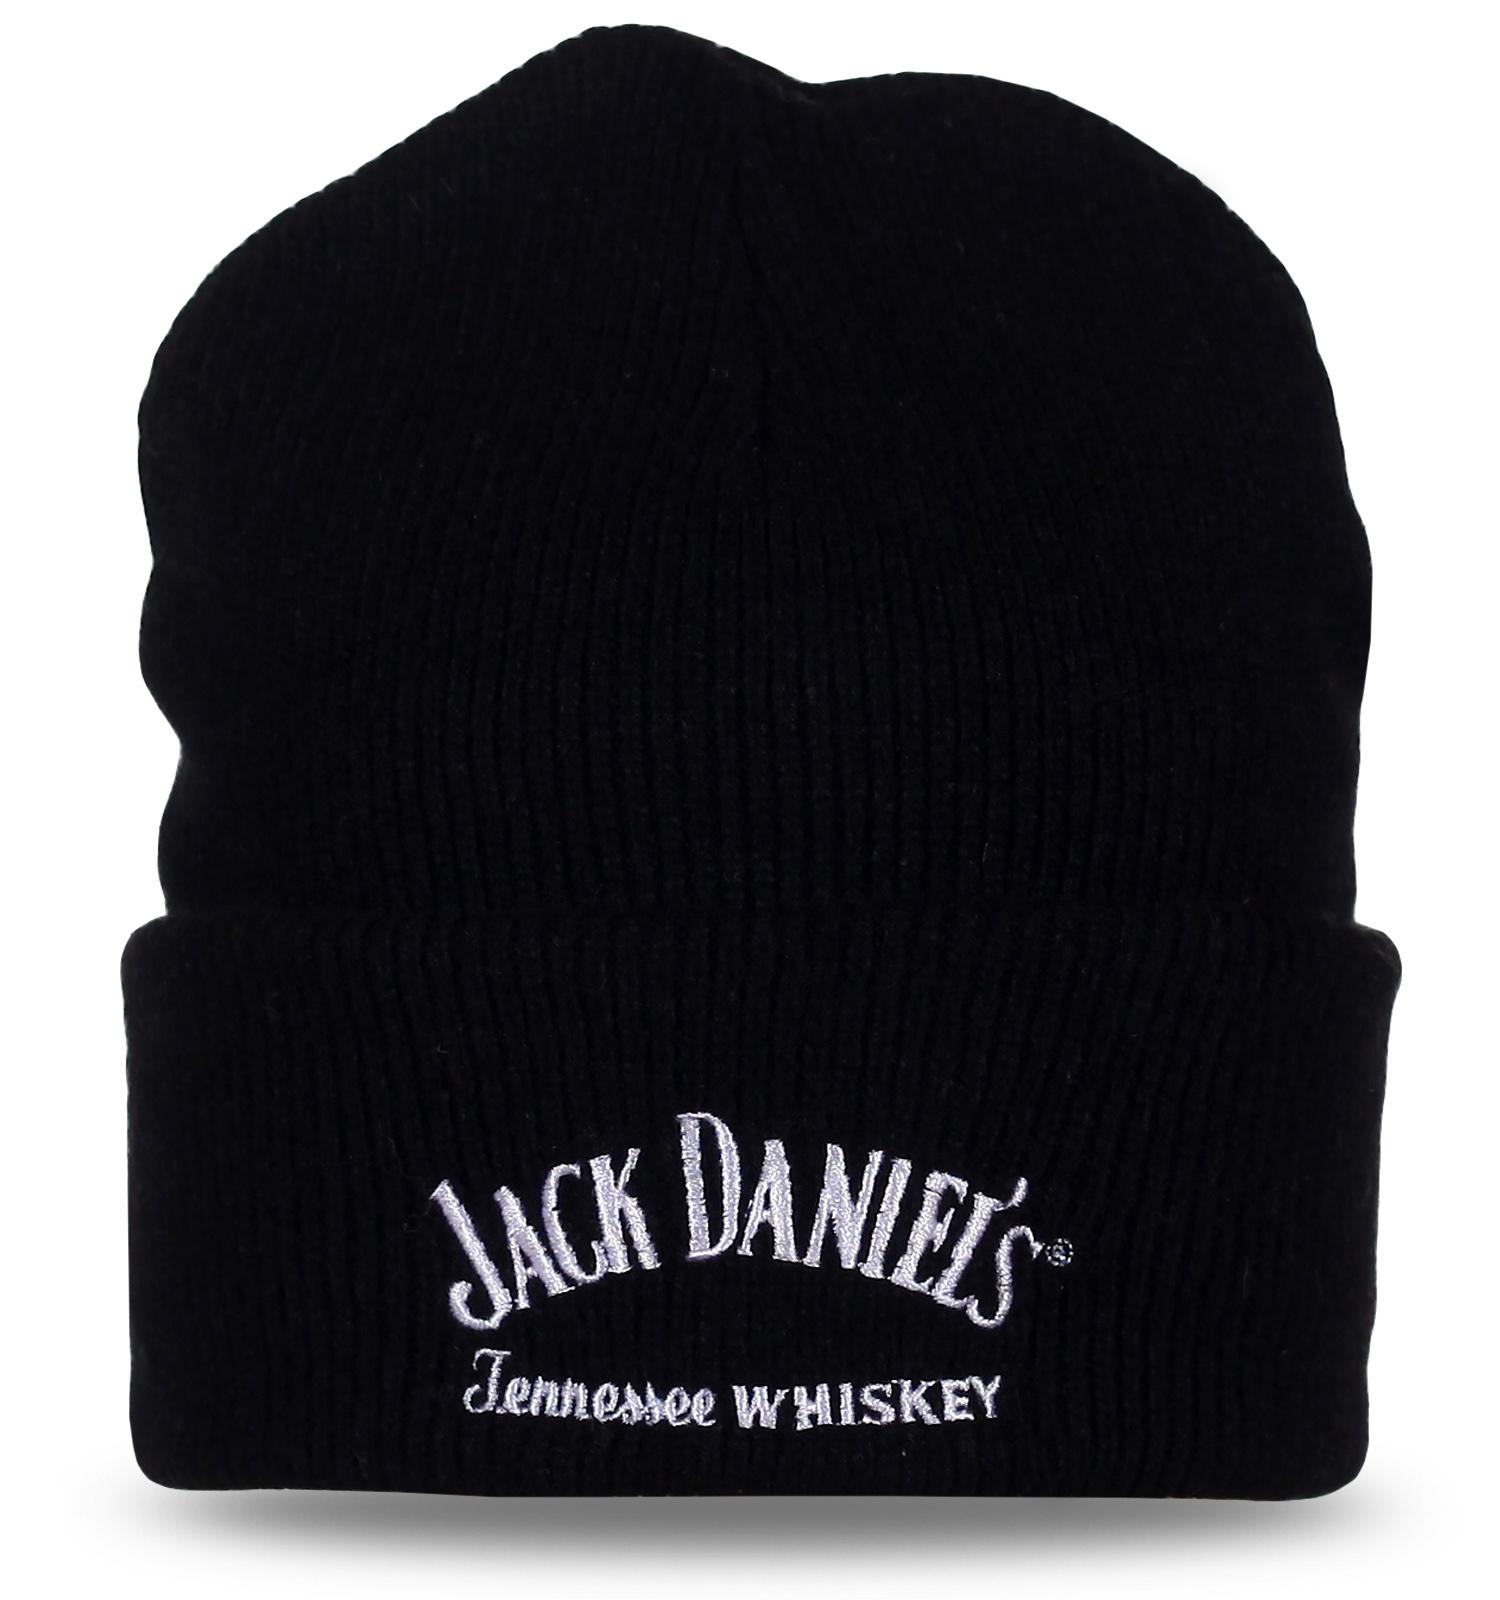 Фирменная шапка Jack Daniel's черного цвета. Универсальная модель с подворотом